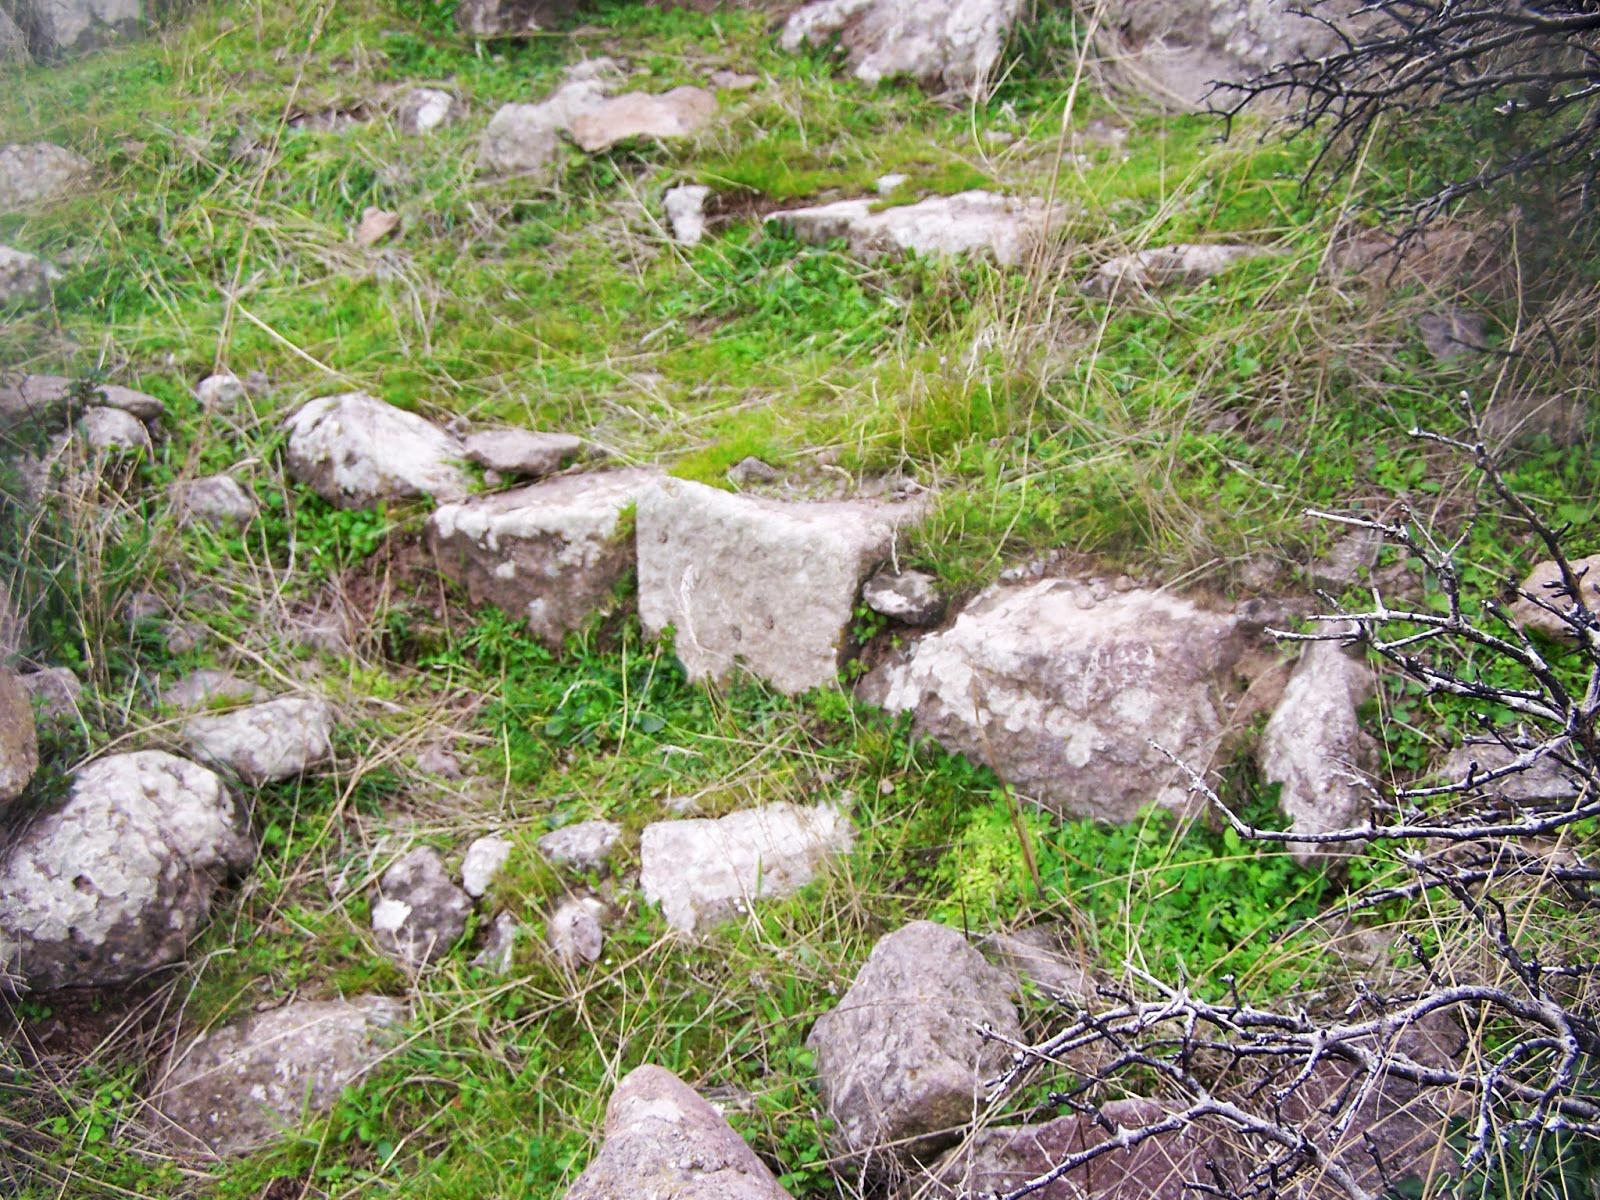 akropol-005-basamak-temelleri-ibrahim-fidanoglu